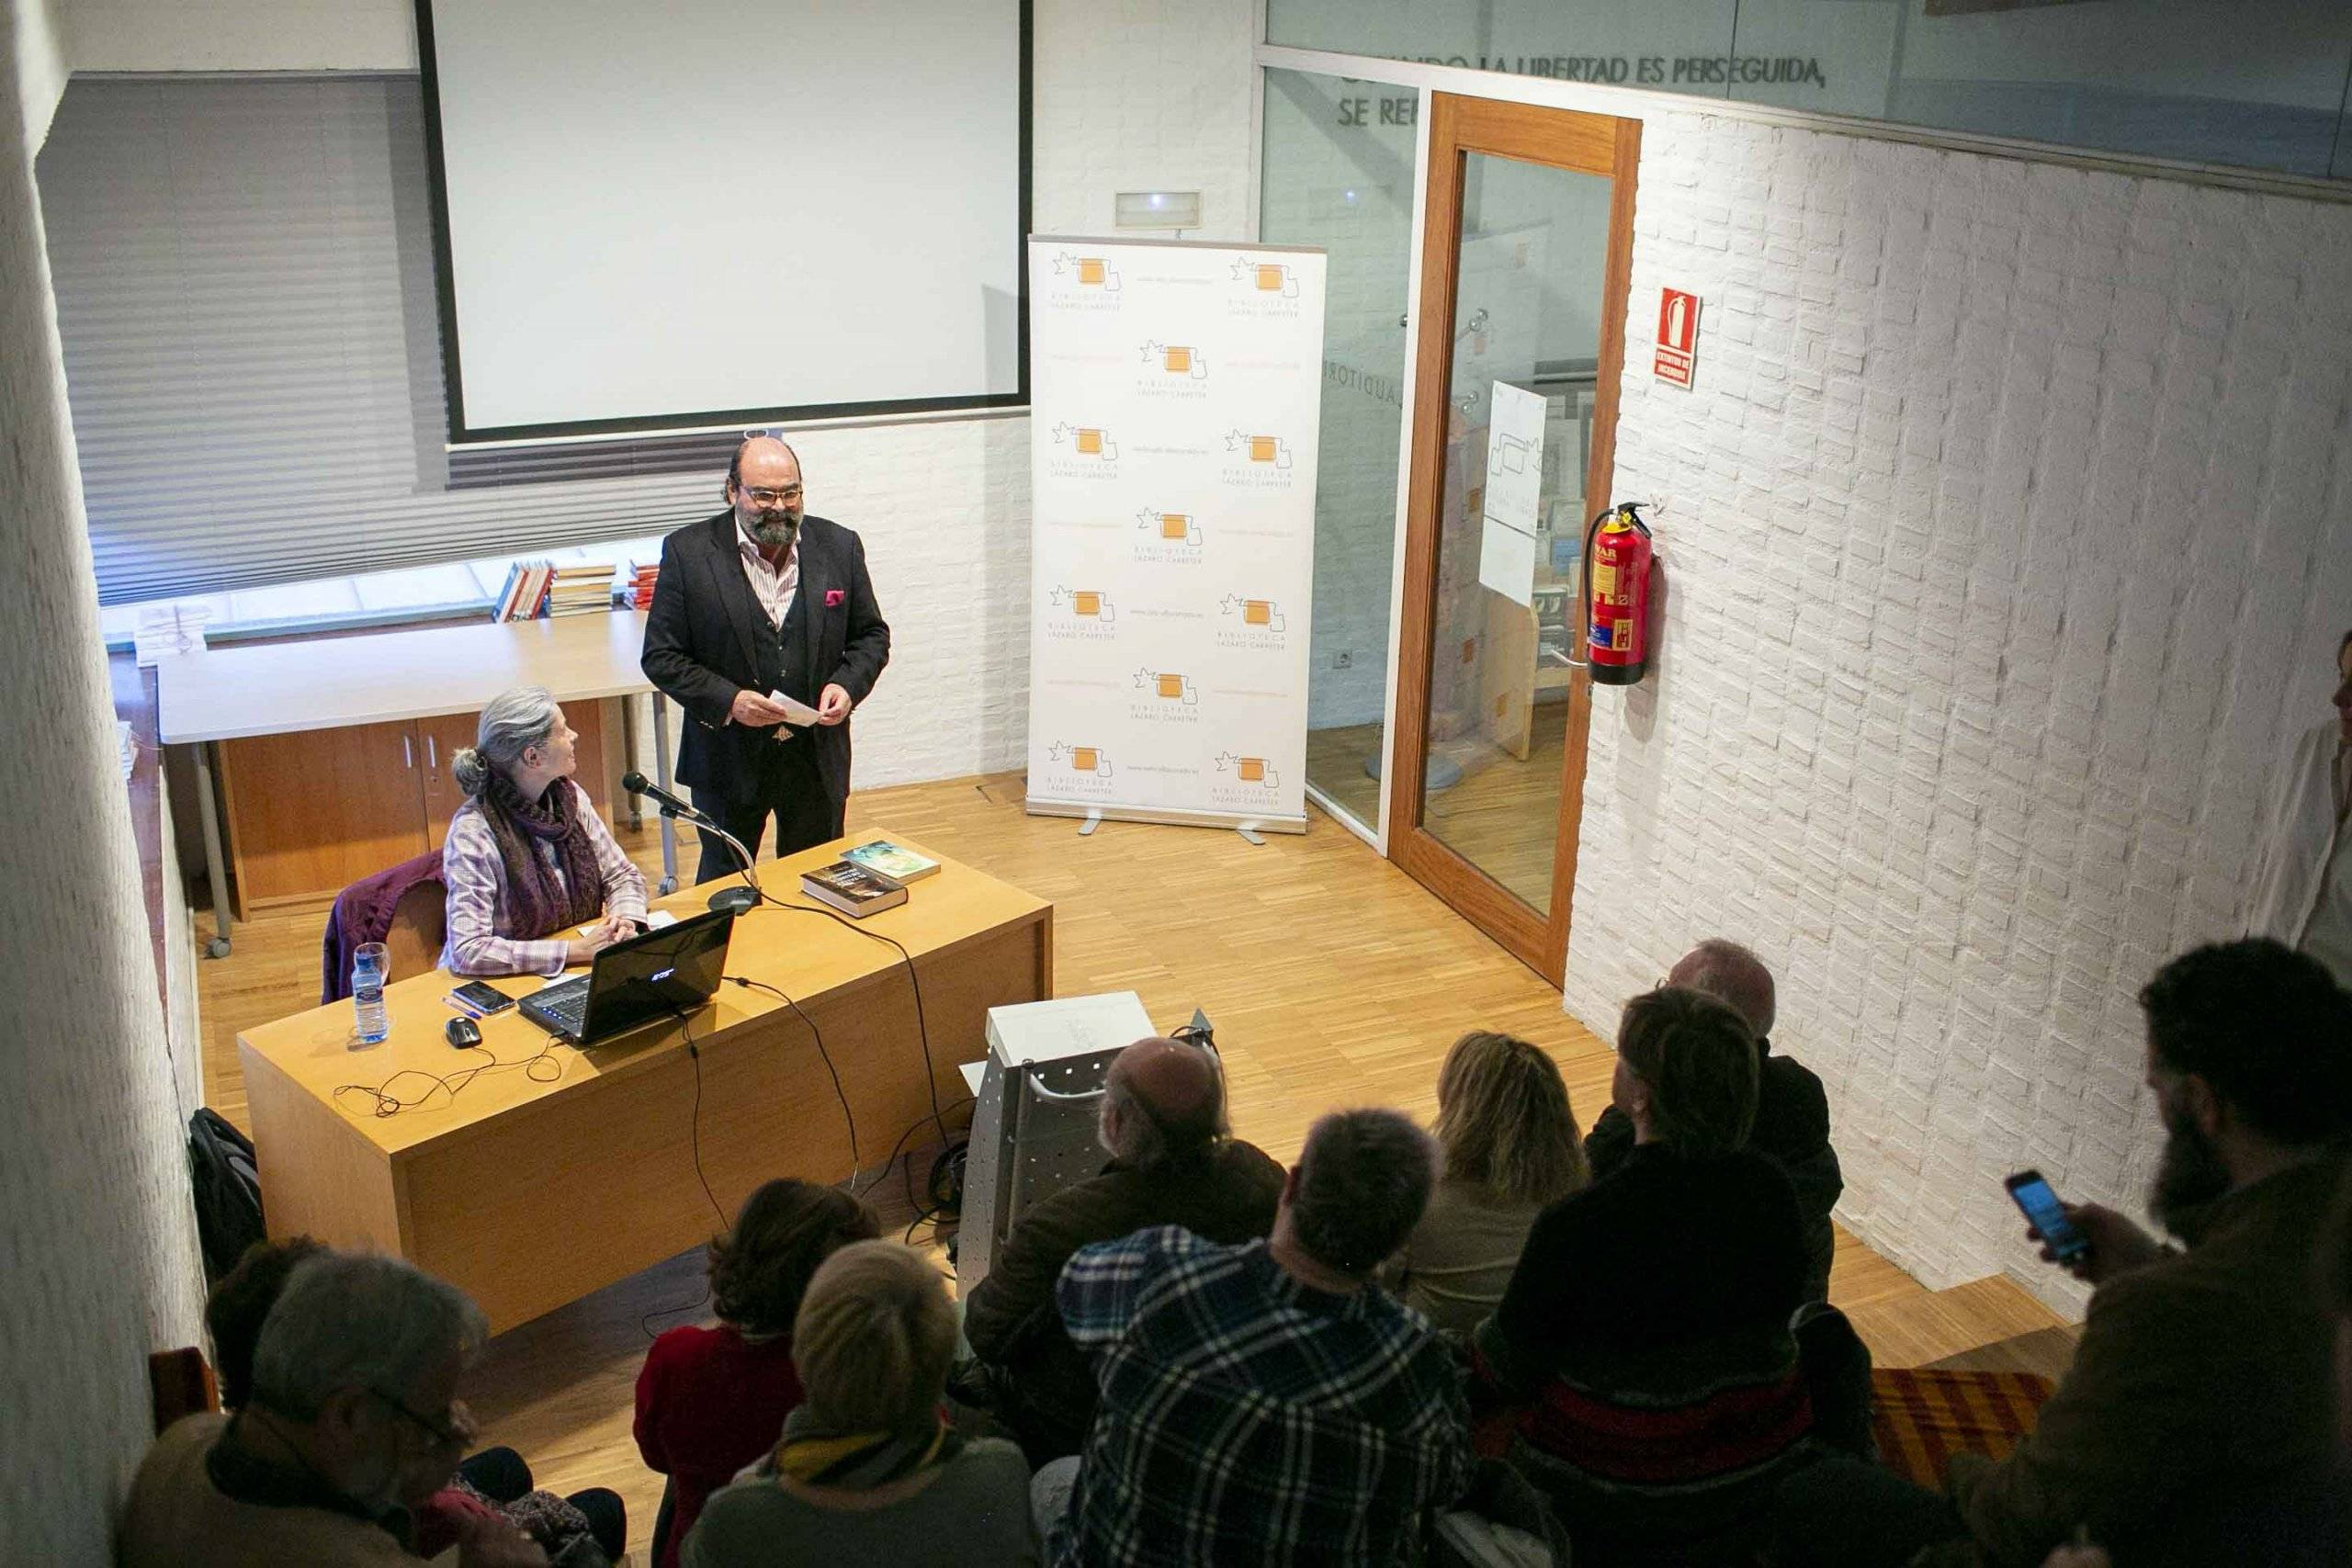 La conferencia ha tenido lugar en la Biblioteca F. Lázaro Carreter.